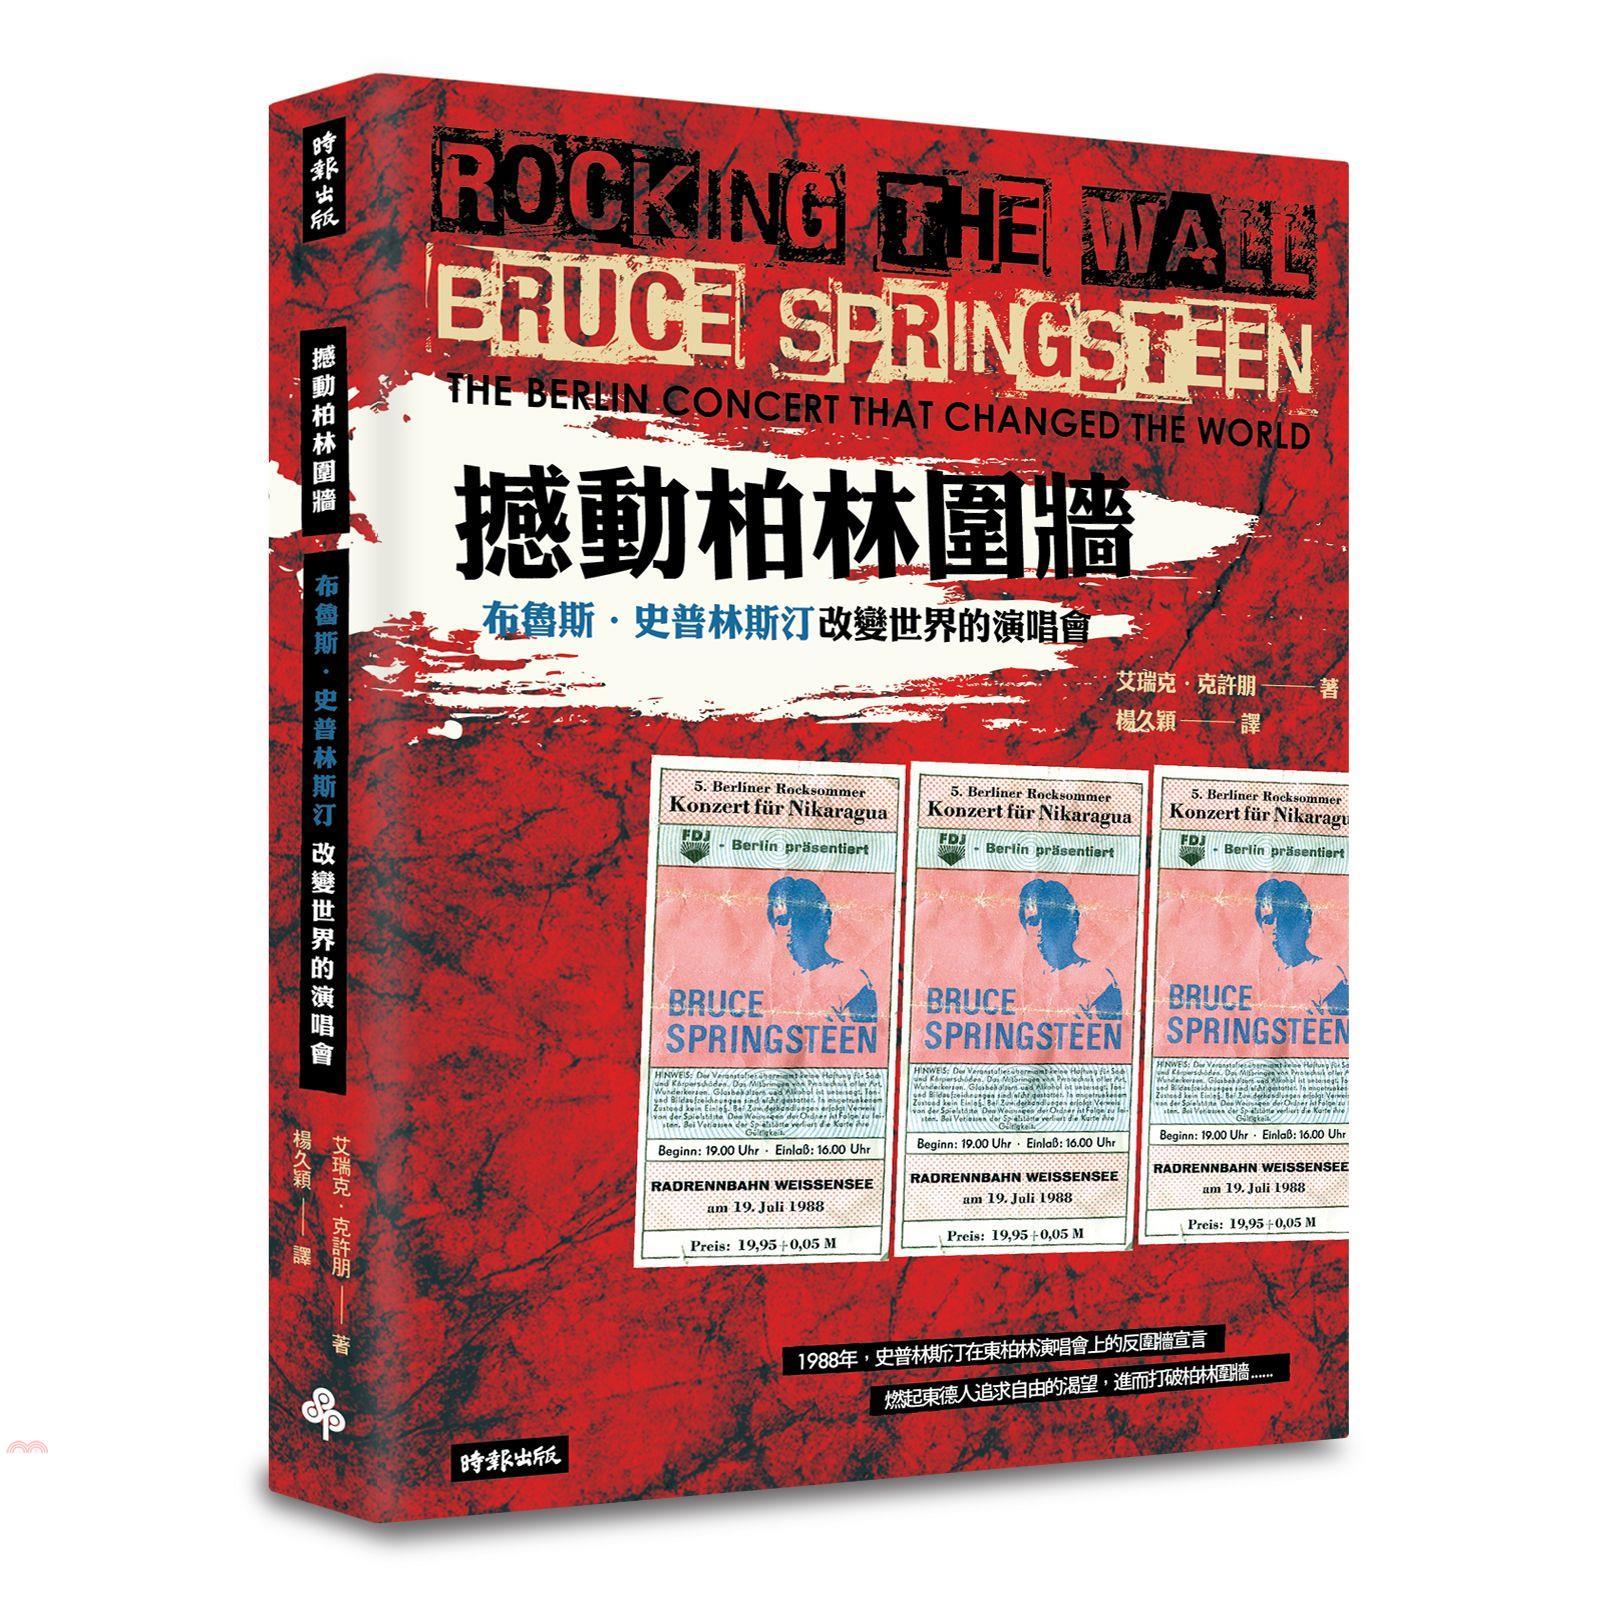 《時報文化》撼動柏林圍牆:布魯斯.史普林斯汀改變世界的演唱會[9折]